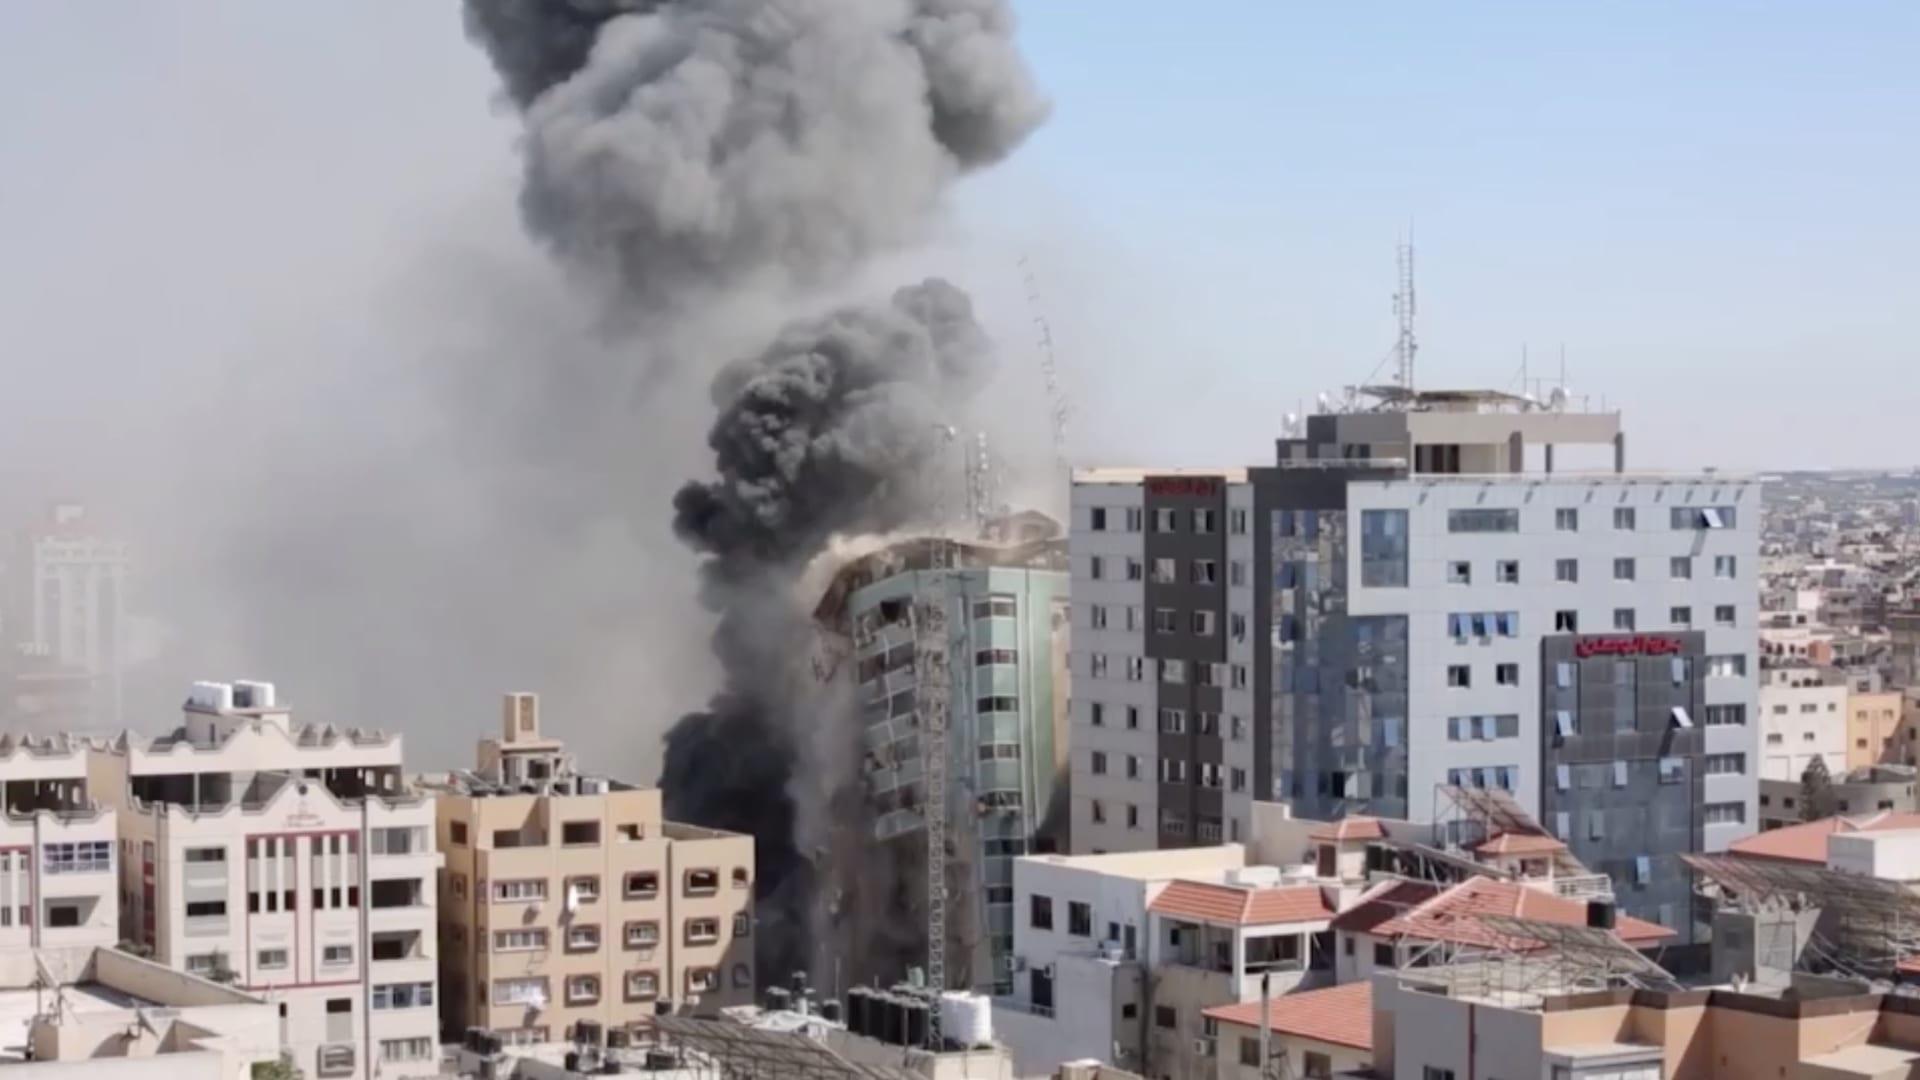 شاهد.. غارة جوية تسقط مبنى الجلاء في غزة وصواريخ فلسطينية تقصف إسرائيل